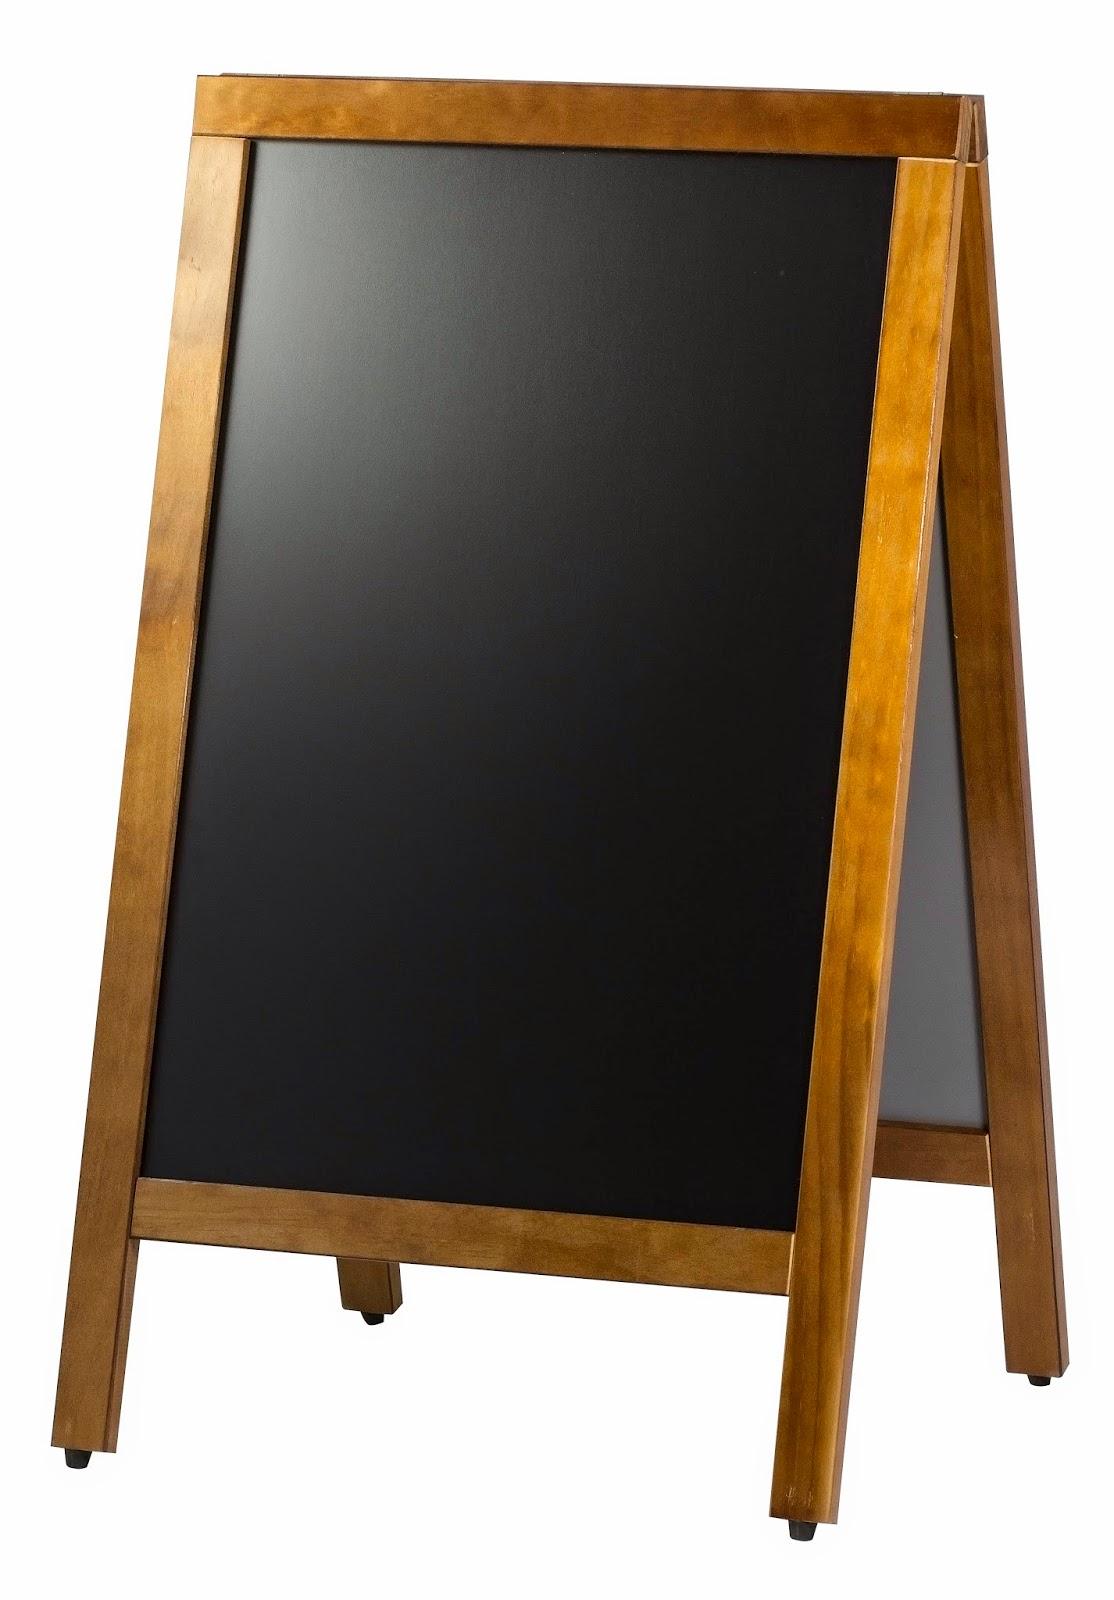 Tabla Neagra Stradala pentru Scris Meniul, Pret cu Redducere 320 RON, cu TVA, Tabla Profesionala Horeca, Accesorii pentru Restaurante, AmenajariHoreca